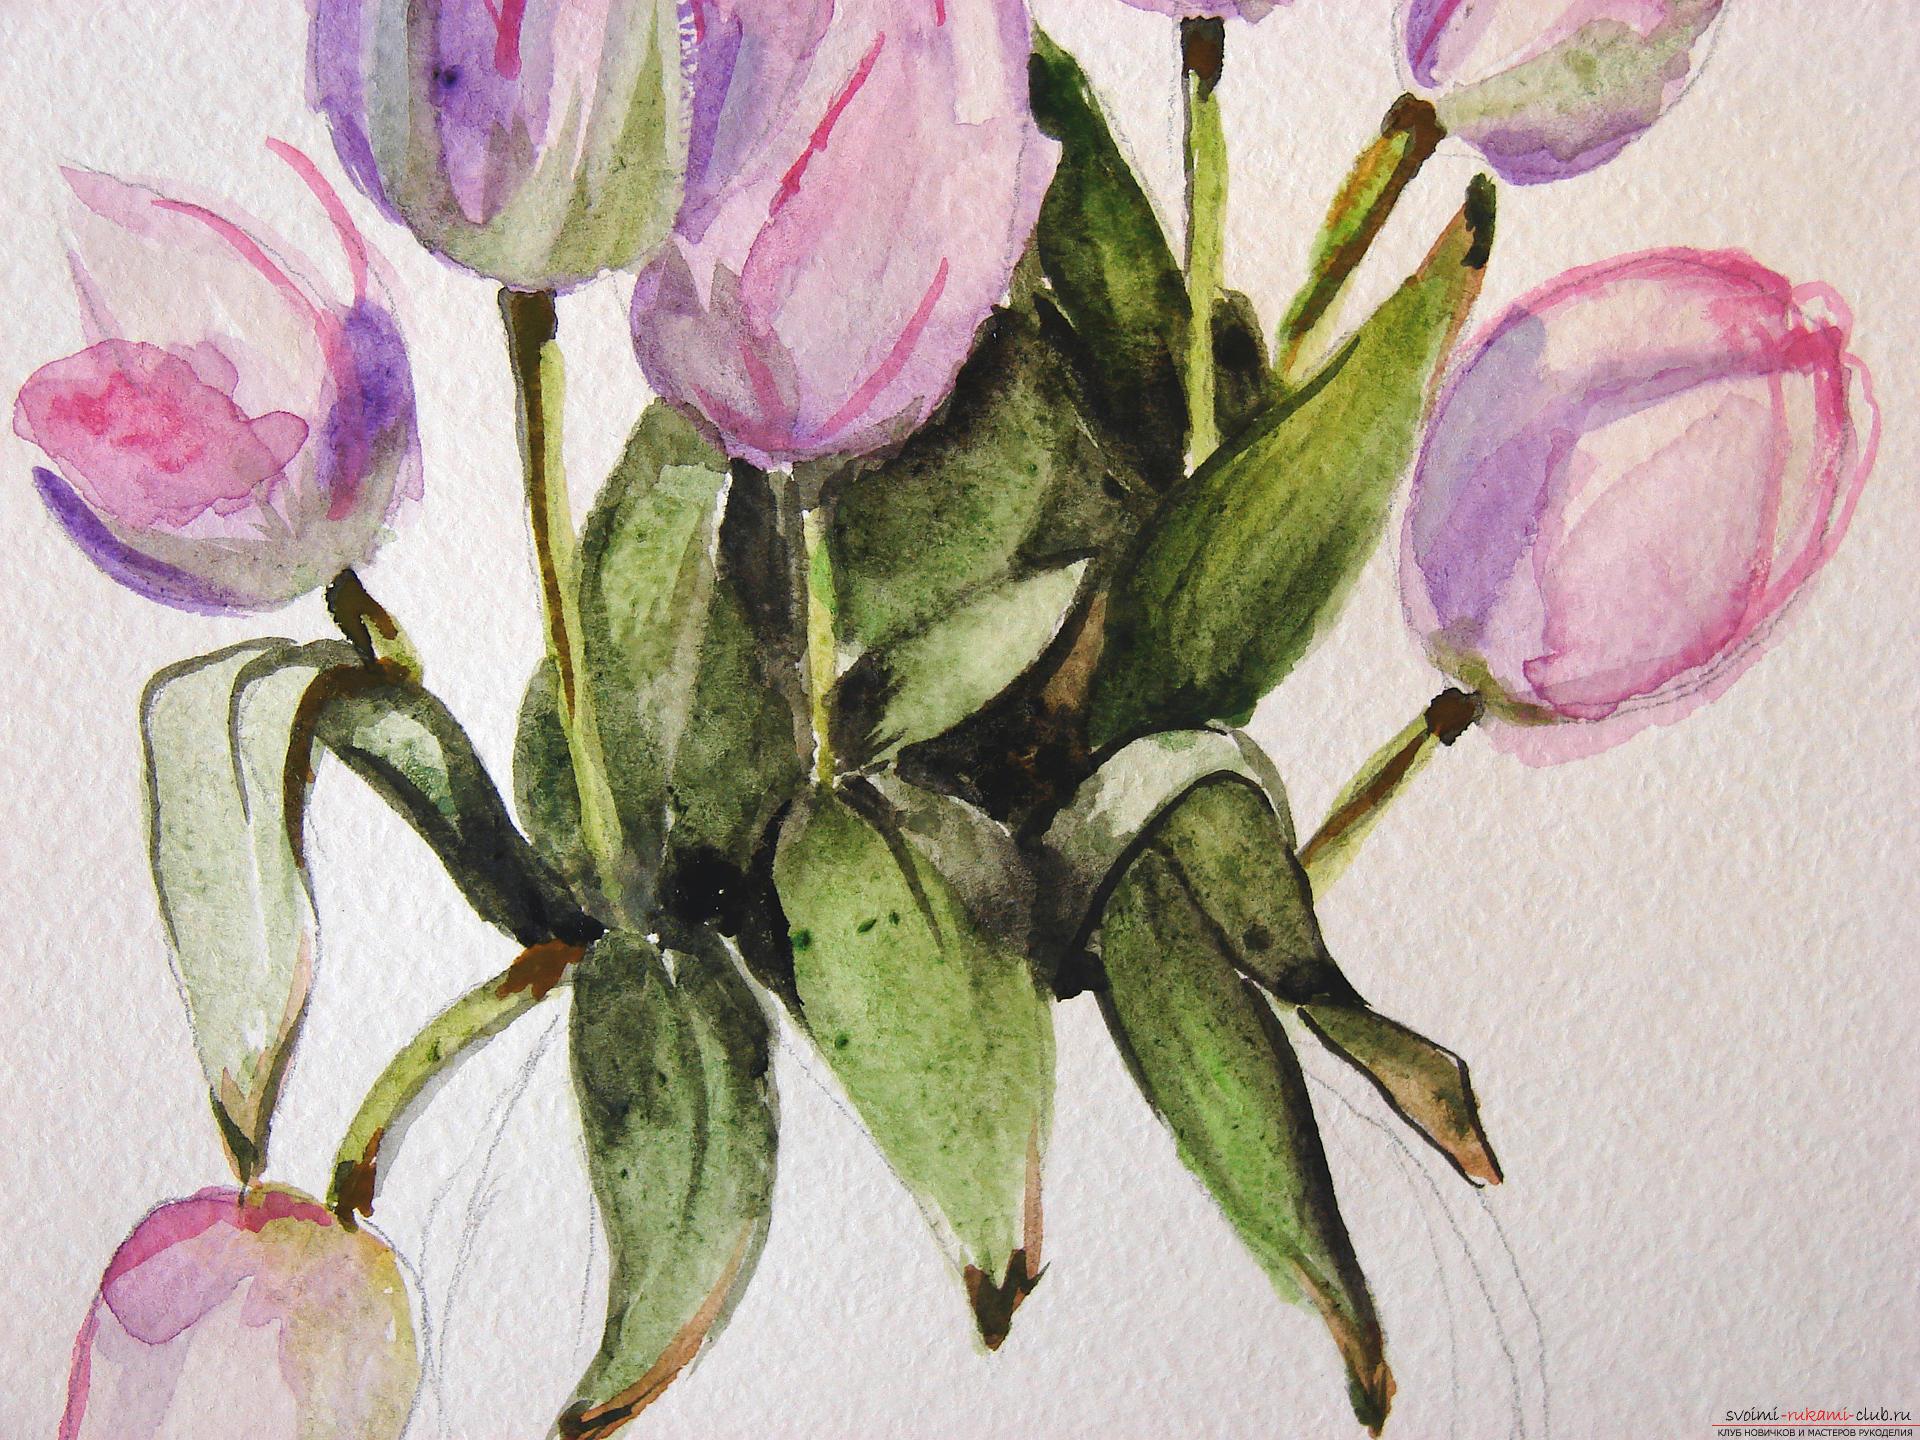 Мастер-класс по рисованию с фото научит как нарисовать цветы, подробно описав как рисуются тюльпаны поэтапно.. Фото №16